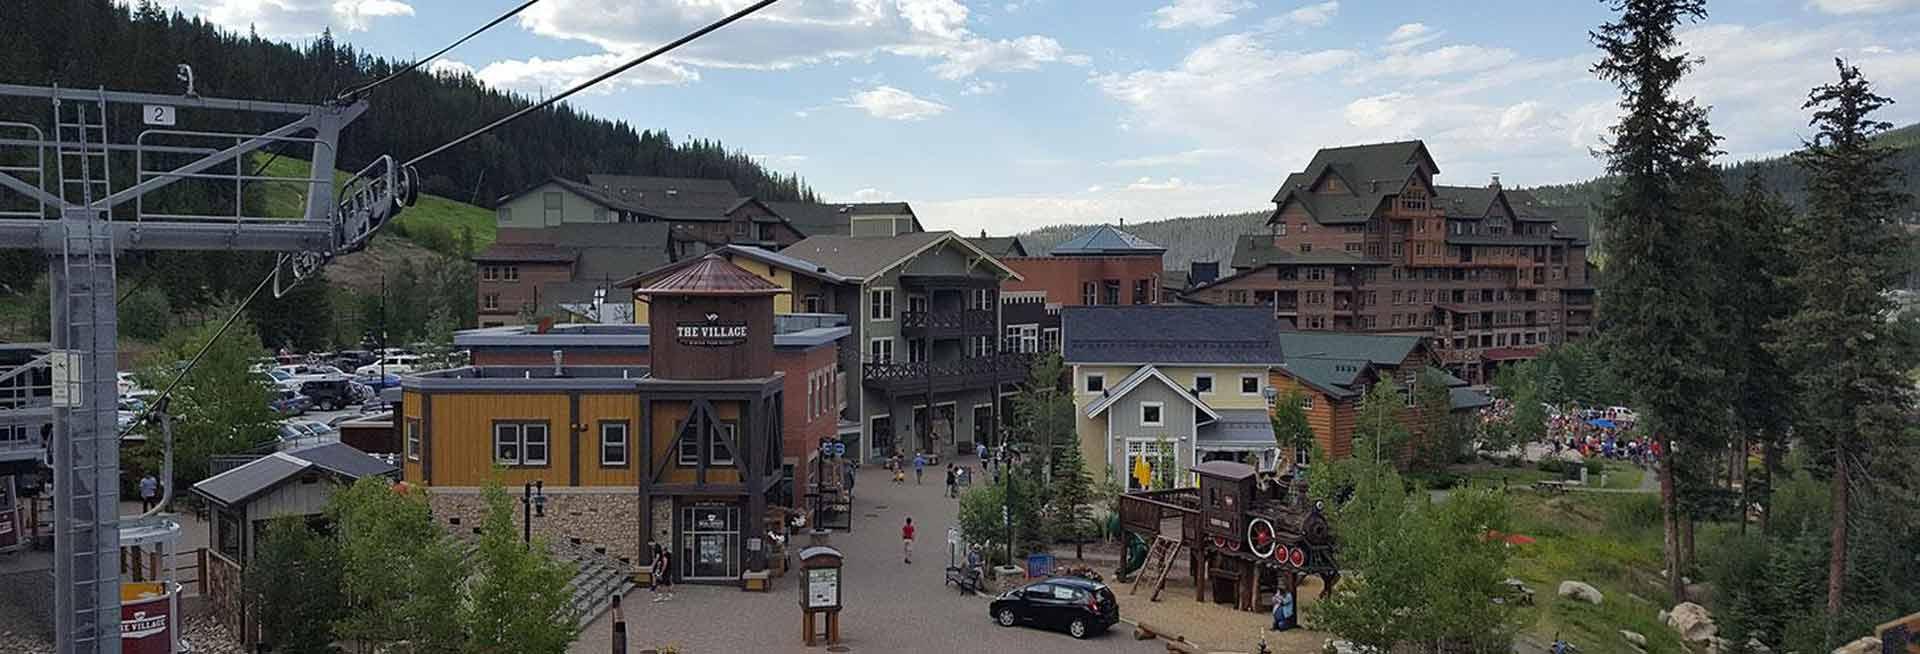 Winter Park village.